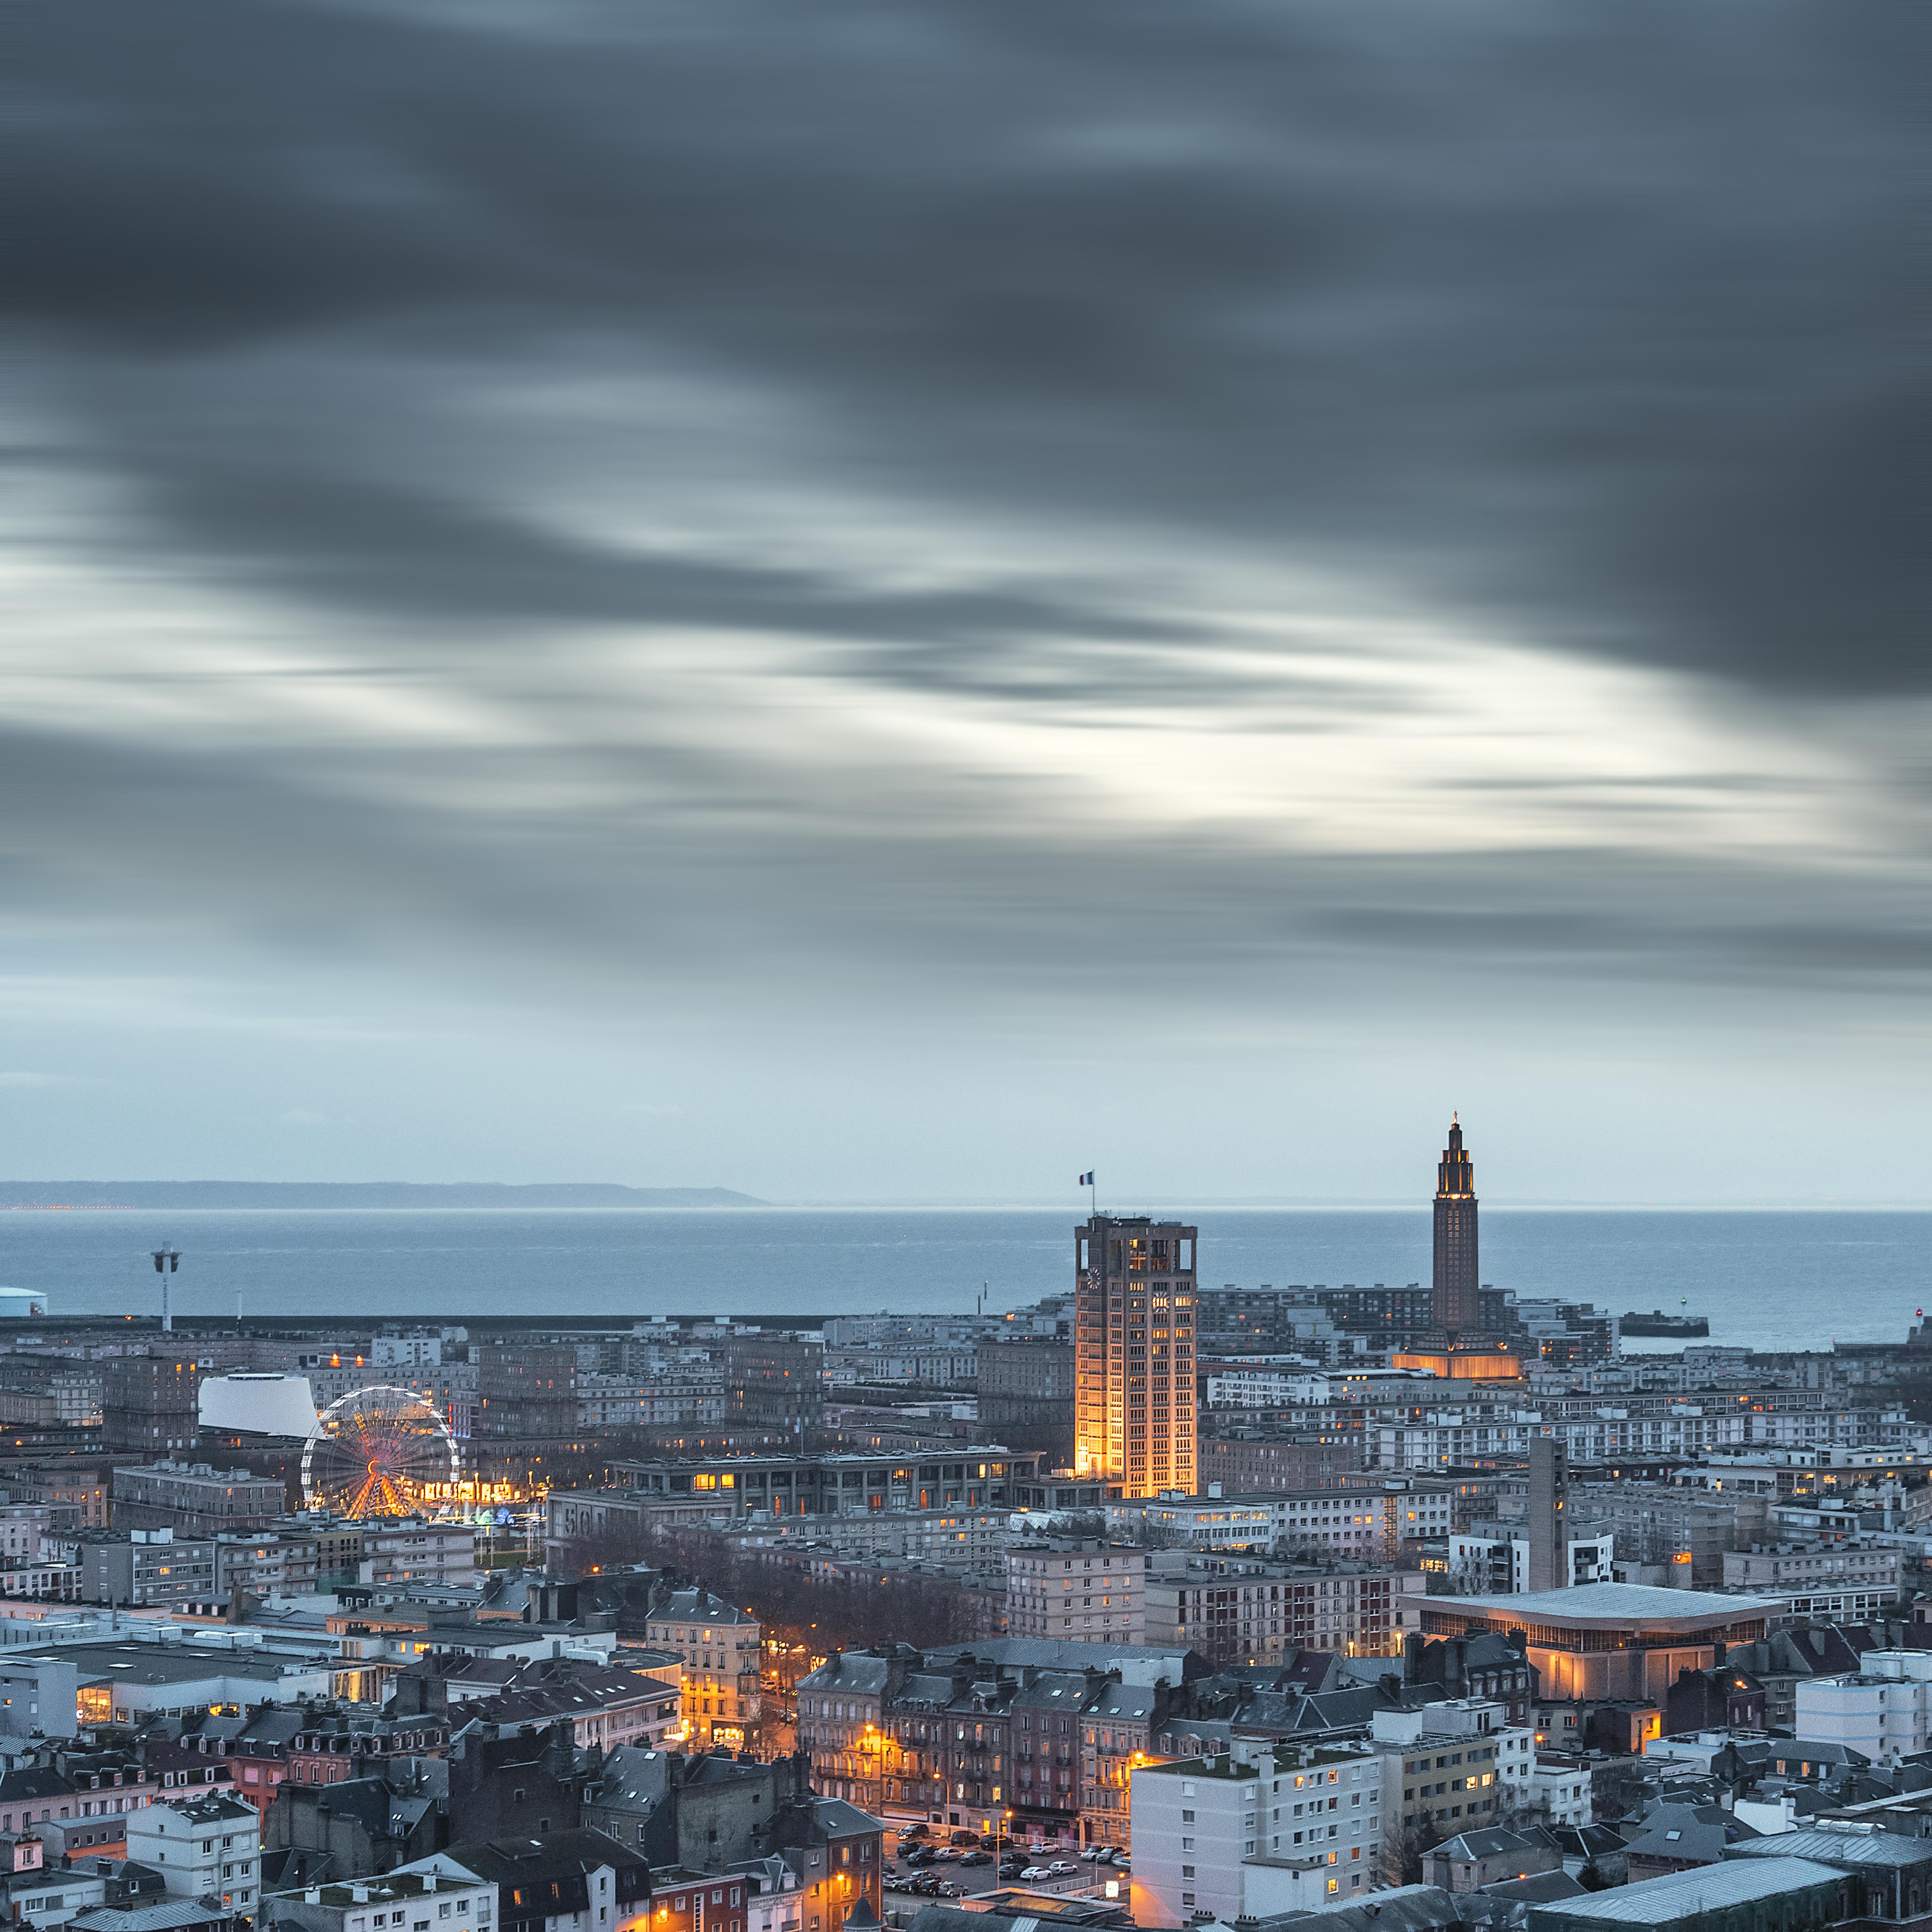 Entre chiens et loups - Le Havre